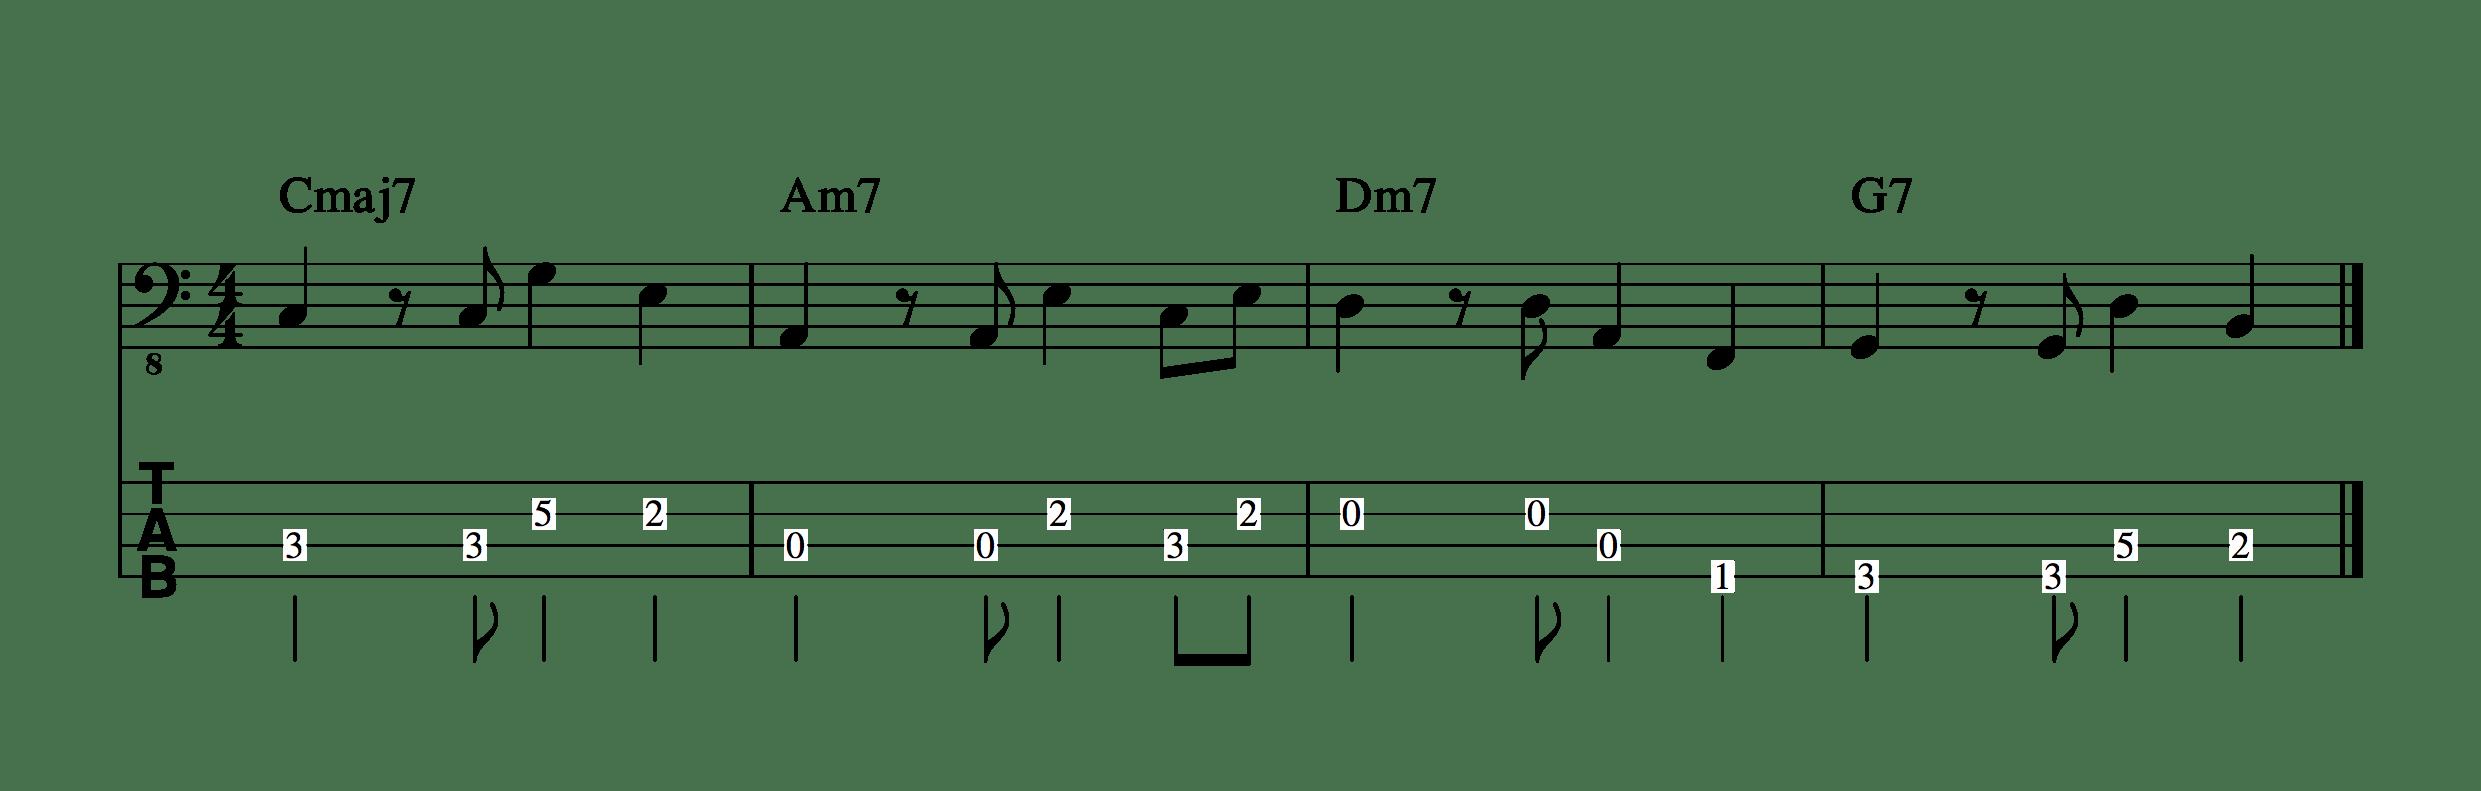 3度と5度ベースライン-1